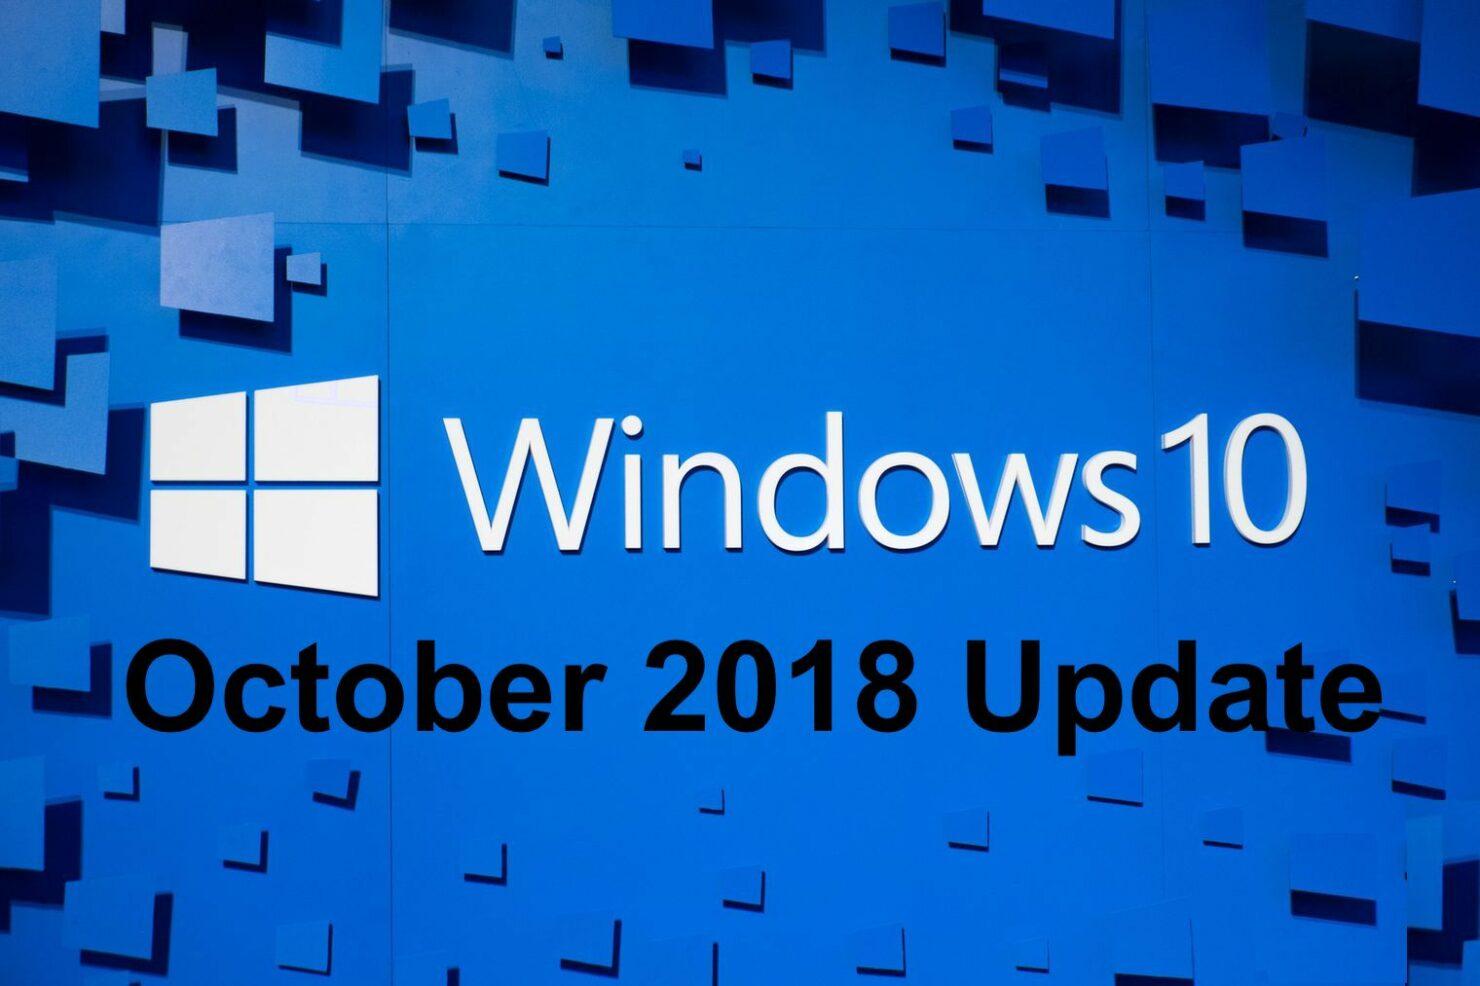 Download Windows 10 1809 ISO Windows 10 October 2018 Update